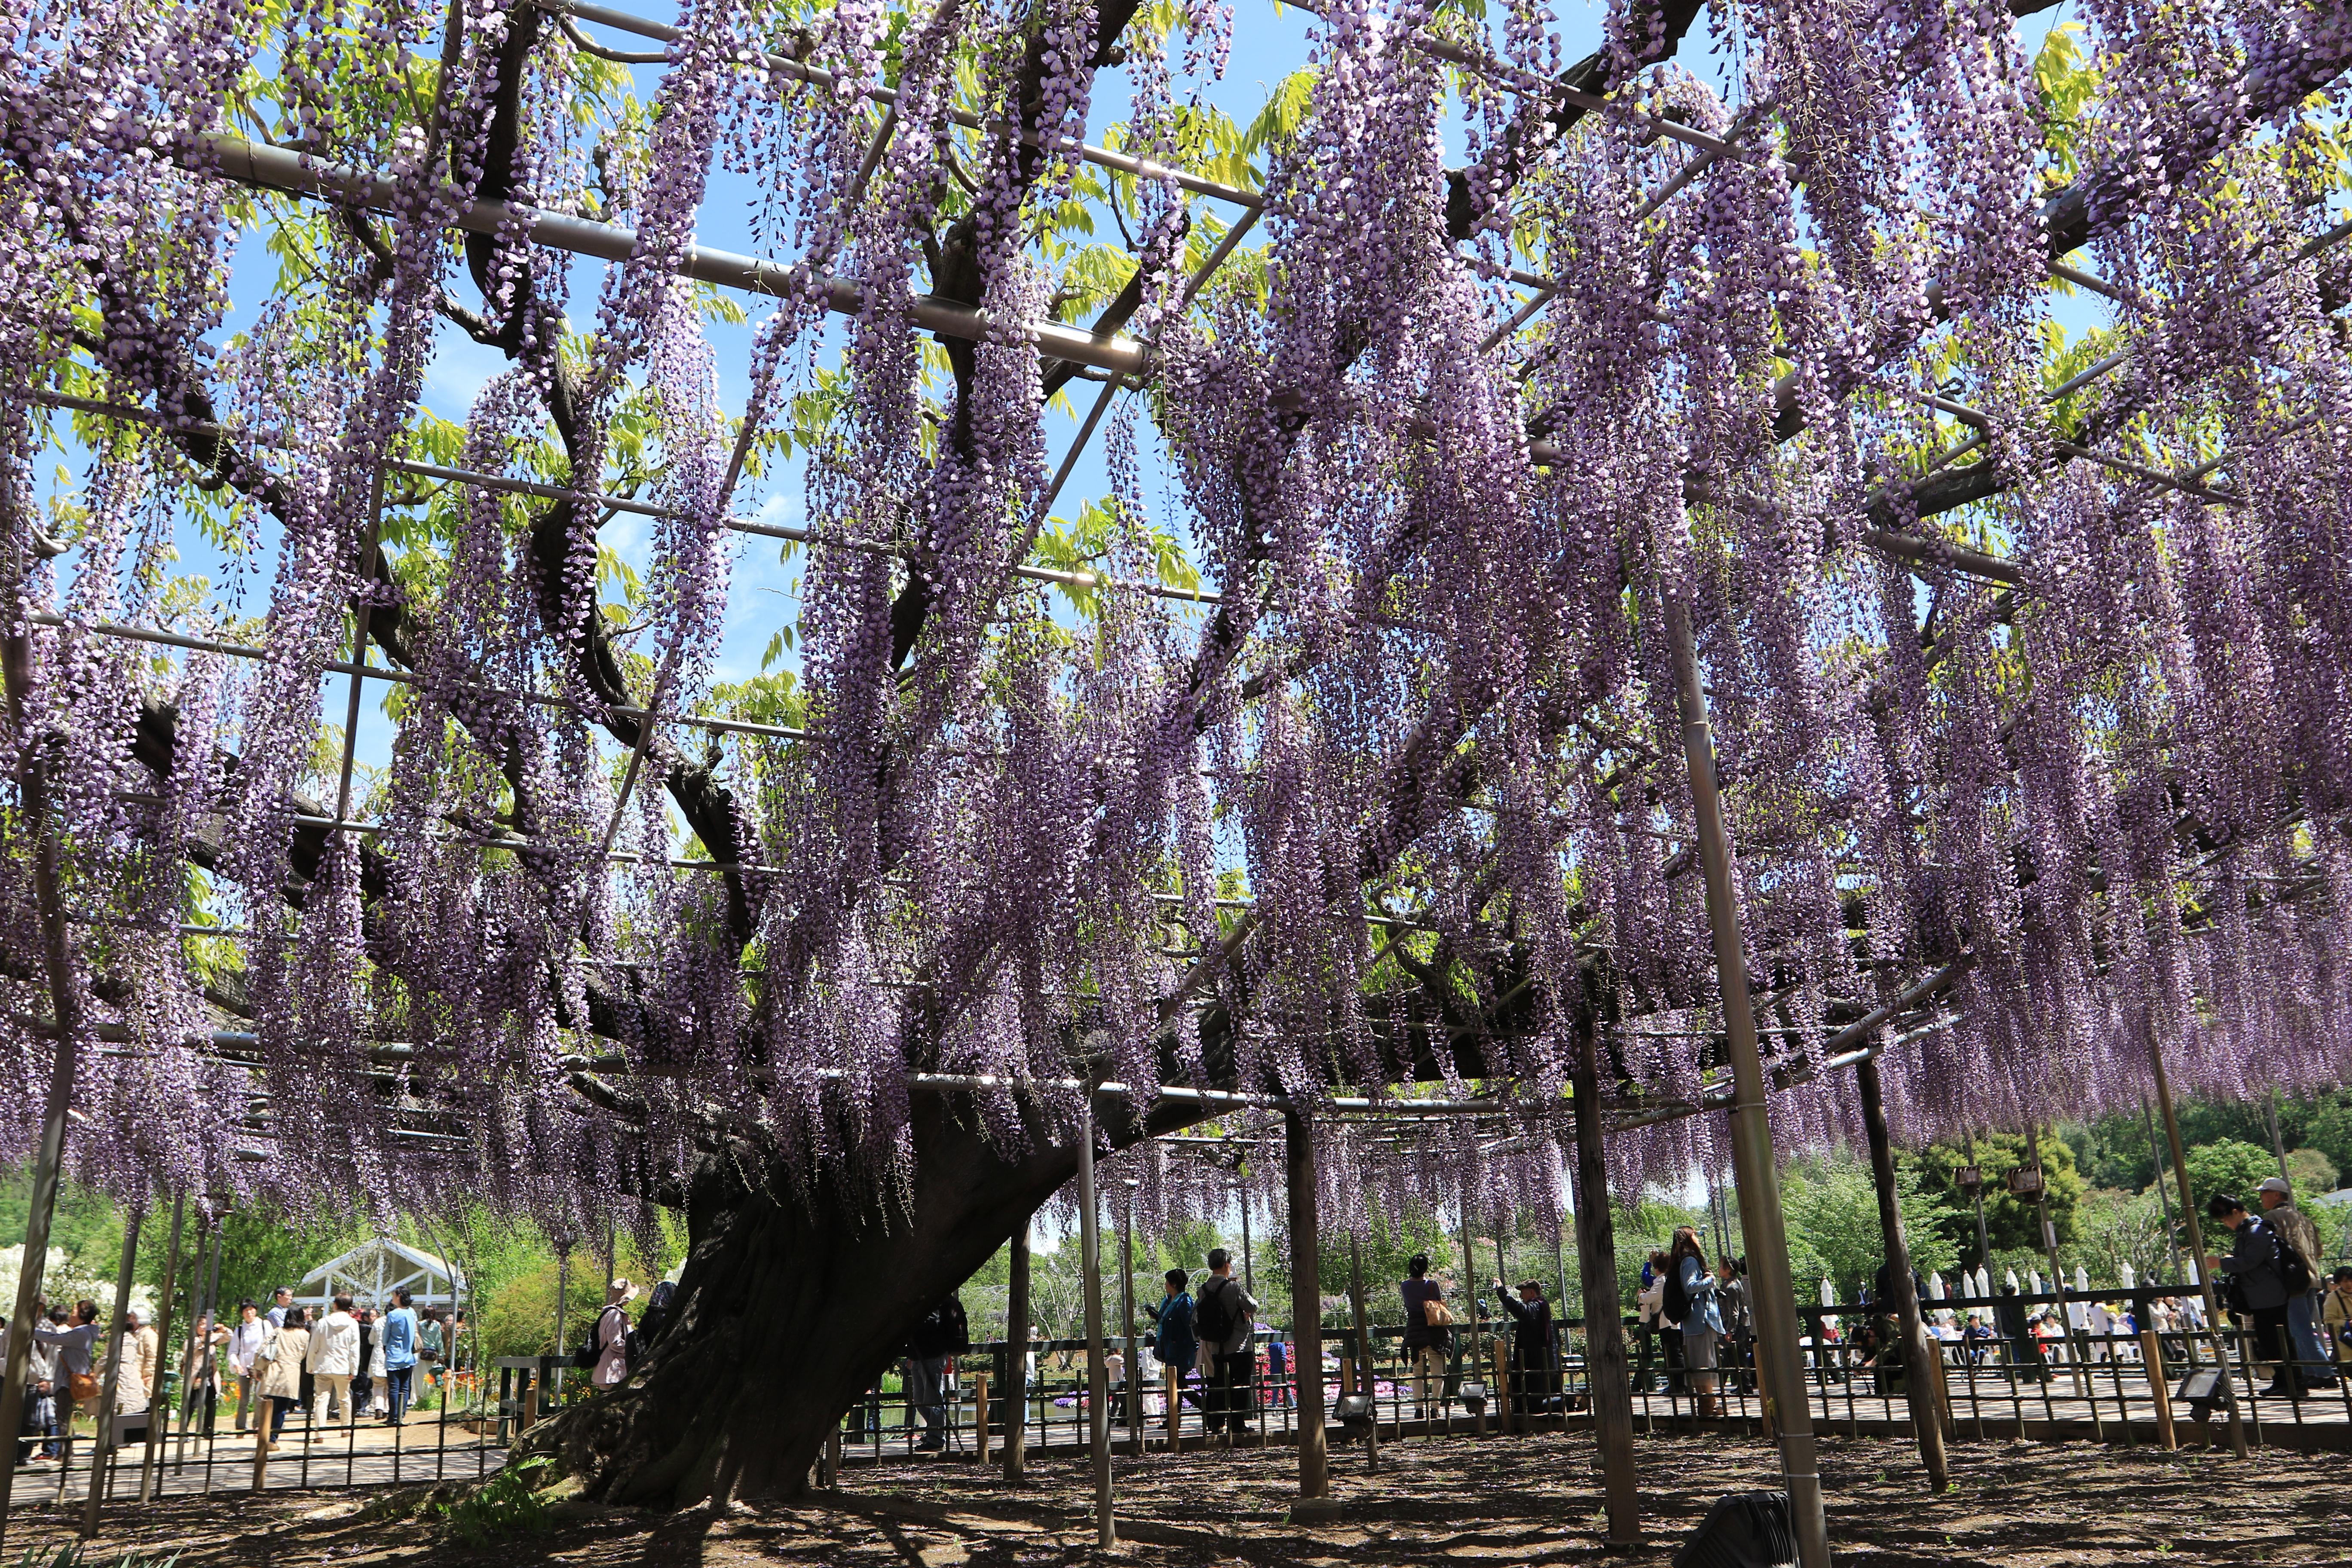 fond d'écran : arbre, violet, glycine, gianttree, ashikagaflowerpark